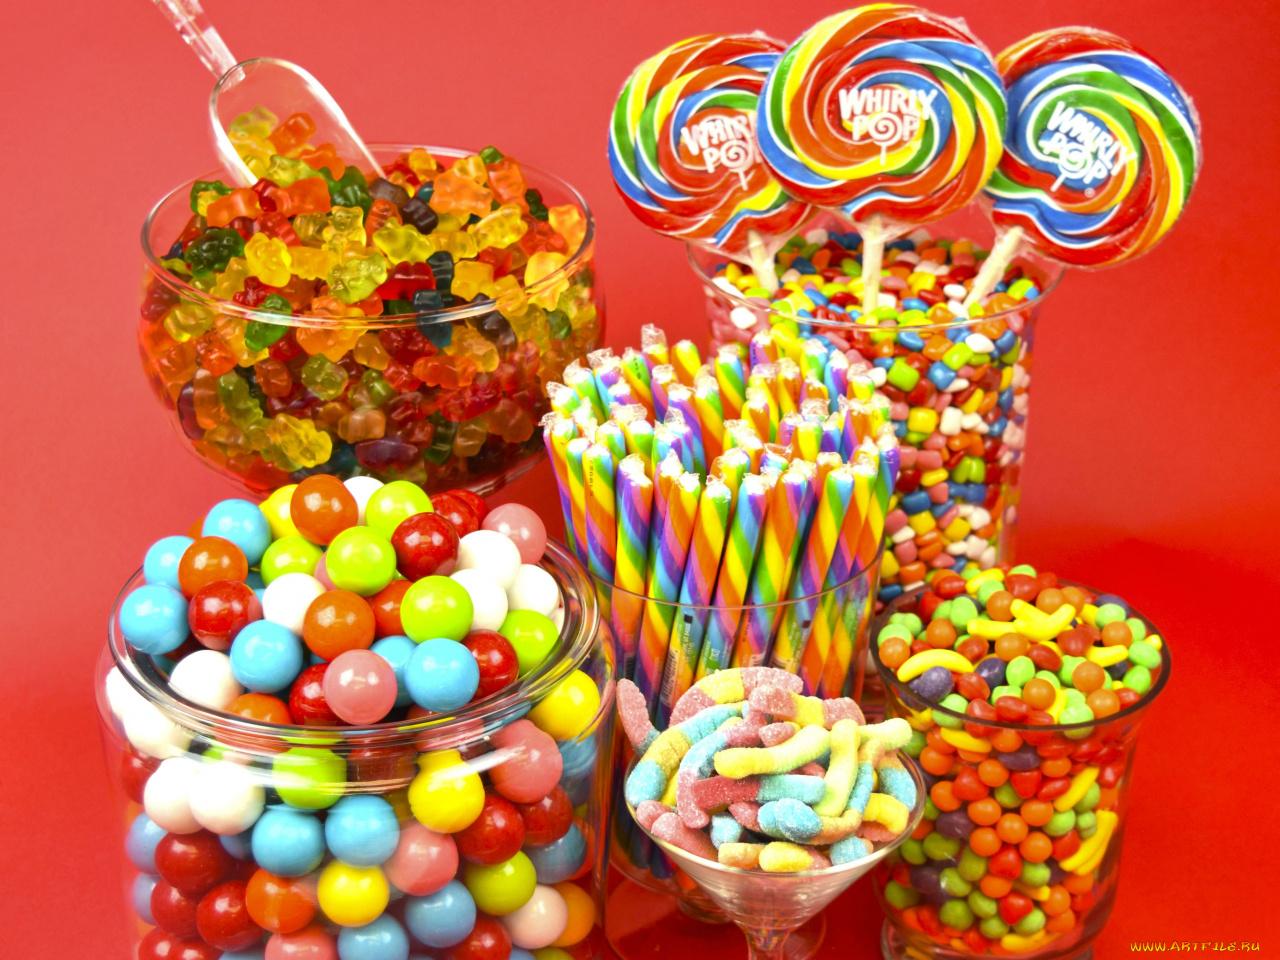 картинки сладостей карамель мелкие крестьяне-землевладельцы